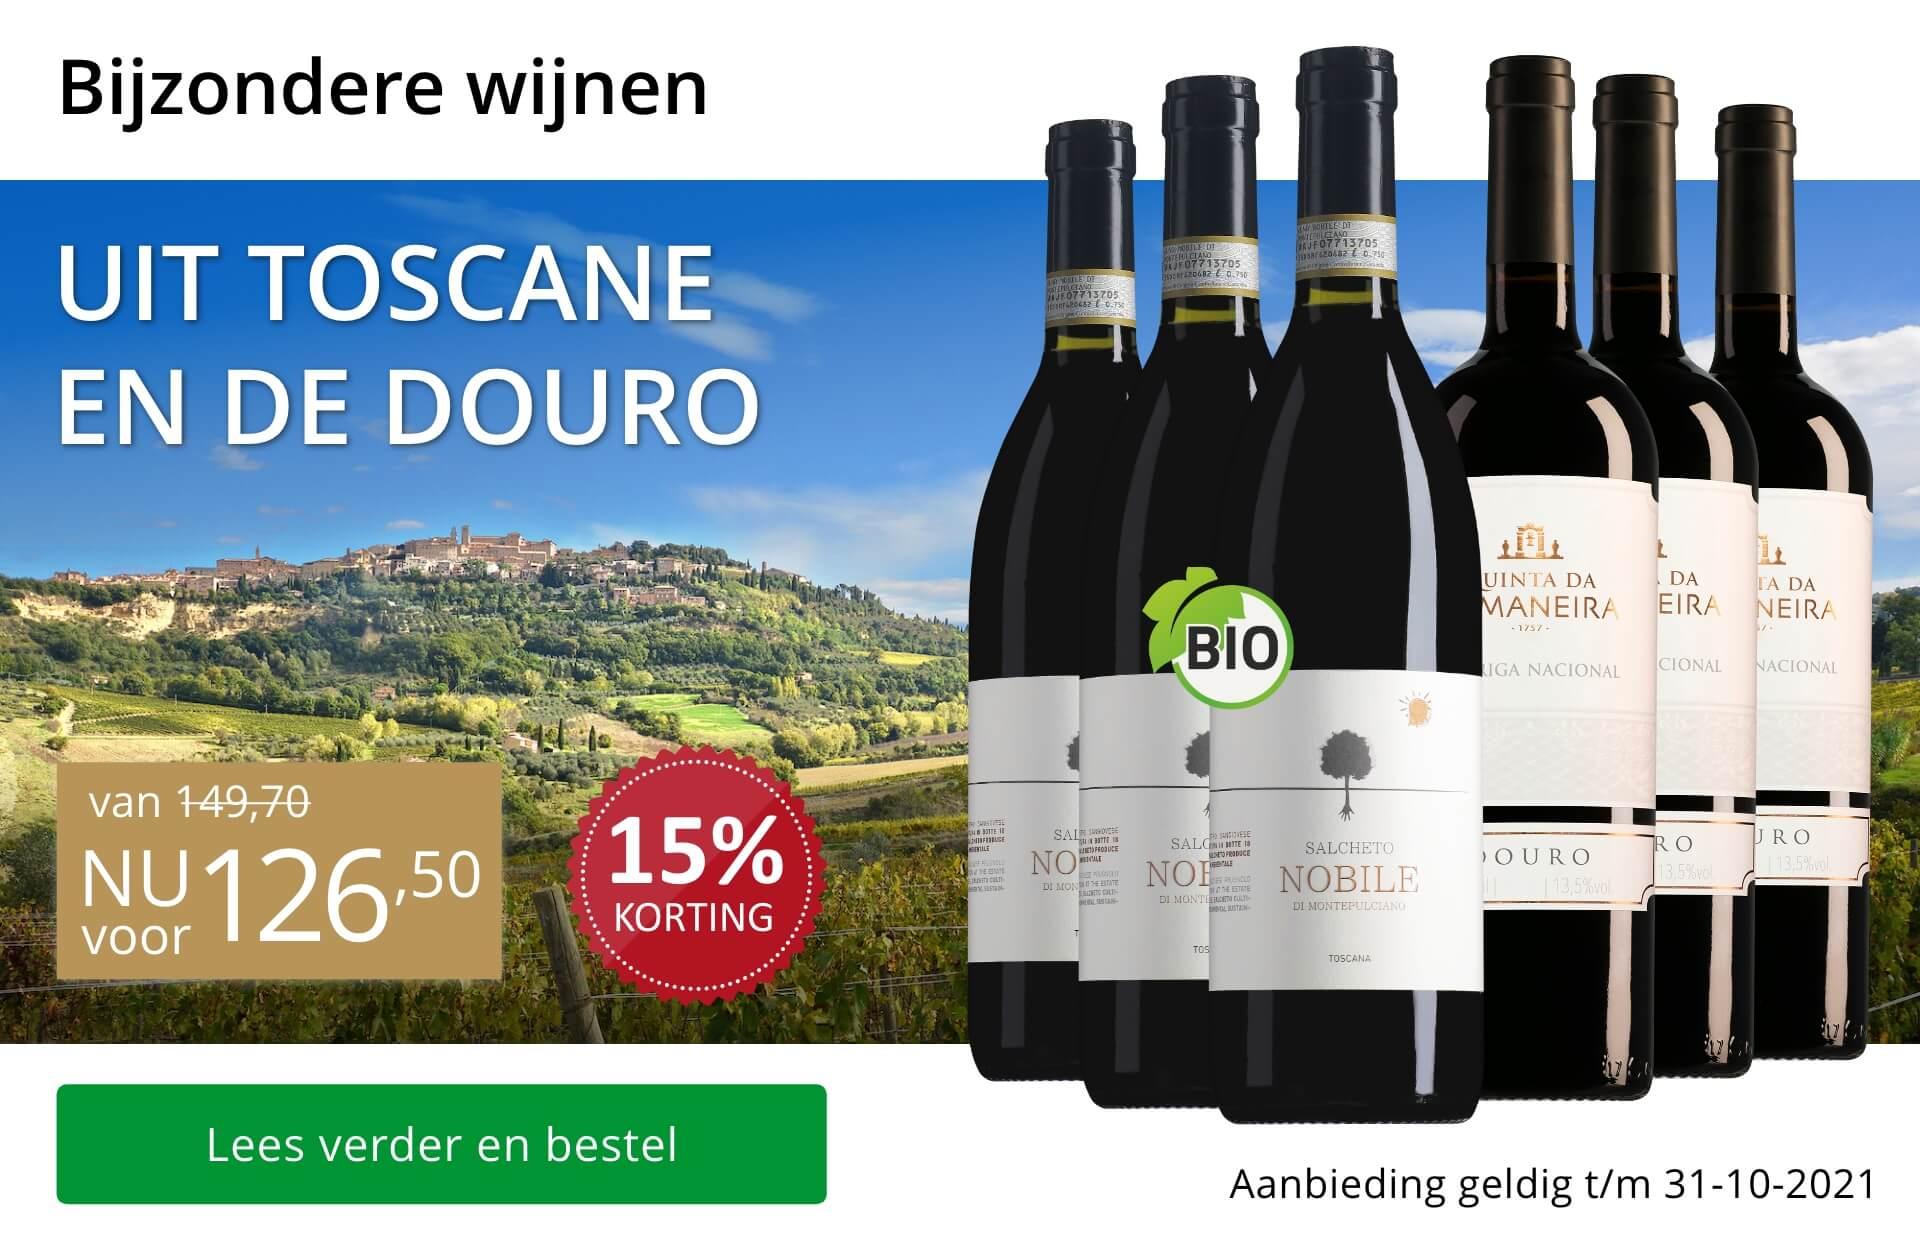 Wijnpakket bijzondere wijnen oktober 2021 - goud/zwart